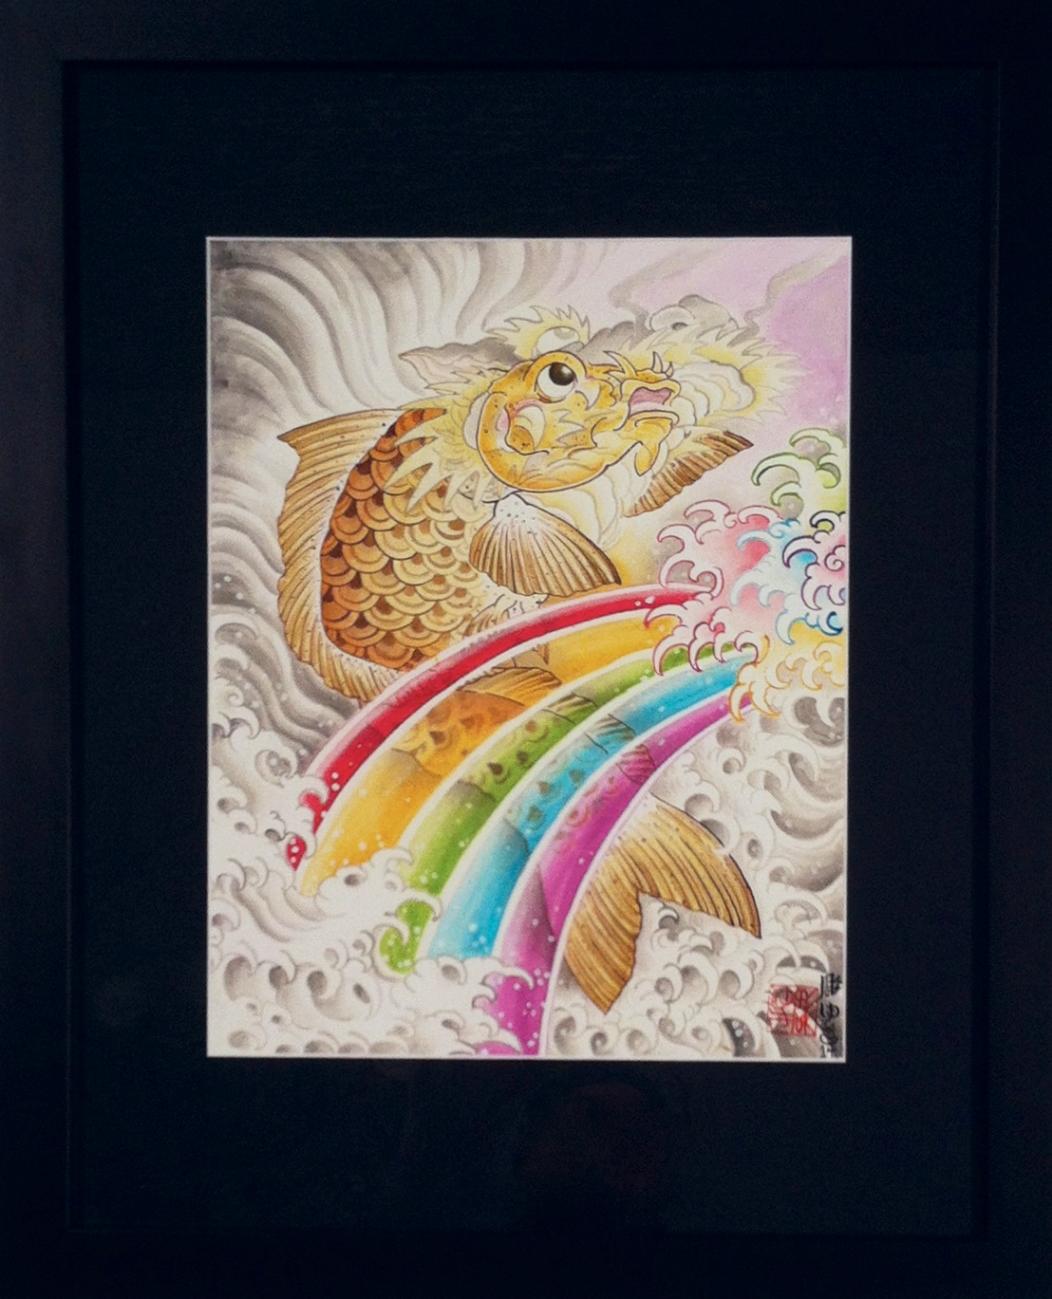 """Jill Bonny """"A dragon is born"""" Watercolor on board 22.5x 18 $600"""